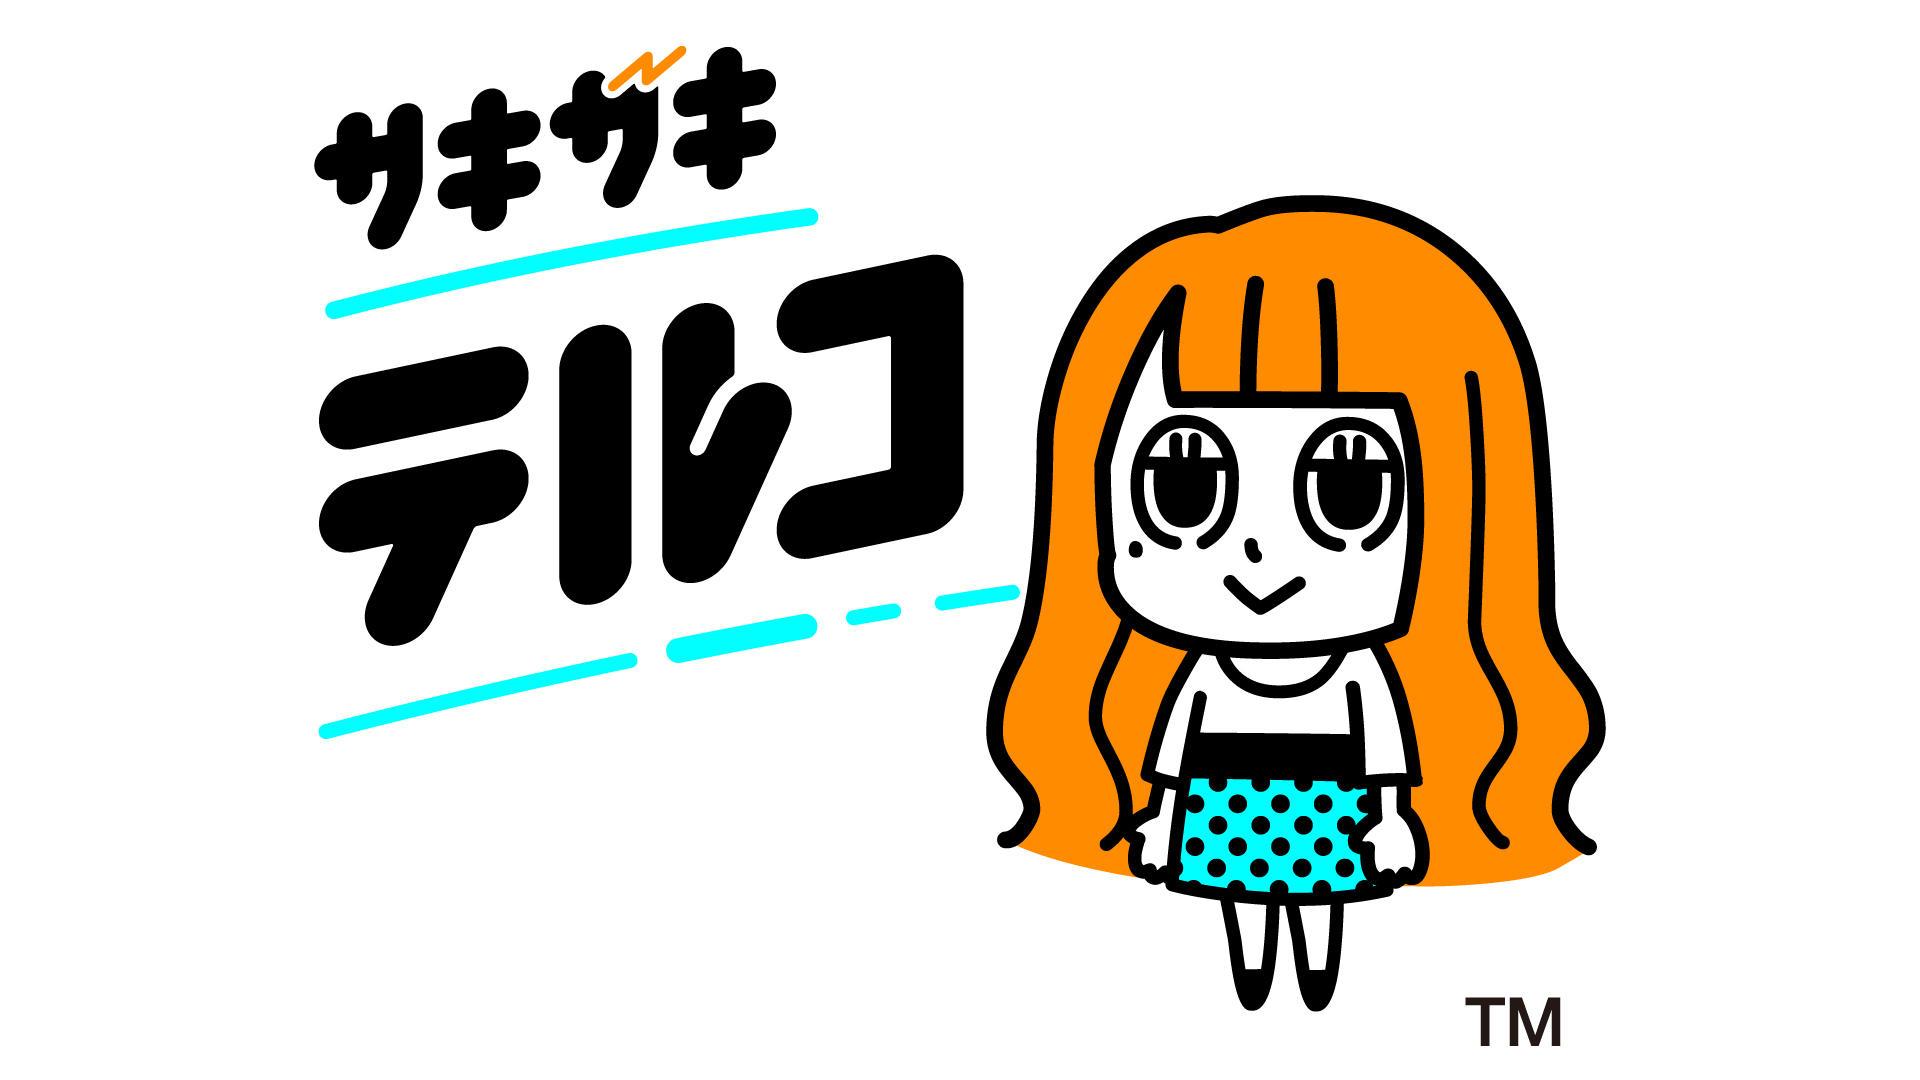 美容サロンに特化したデジタルサイネージメディア「サキザキテルコ」のキャラクター開発を行いました!